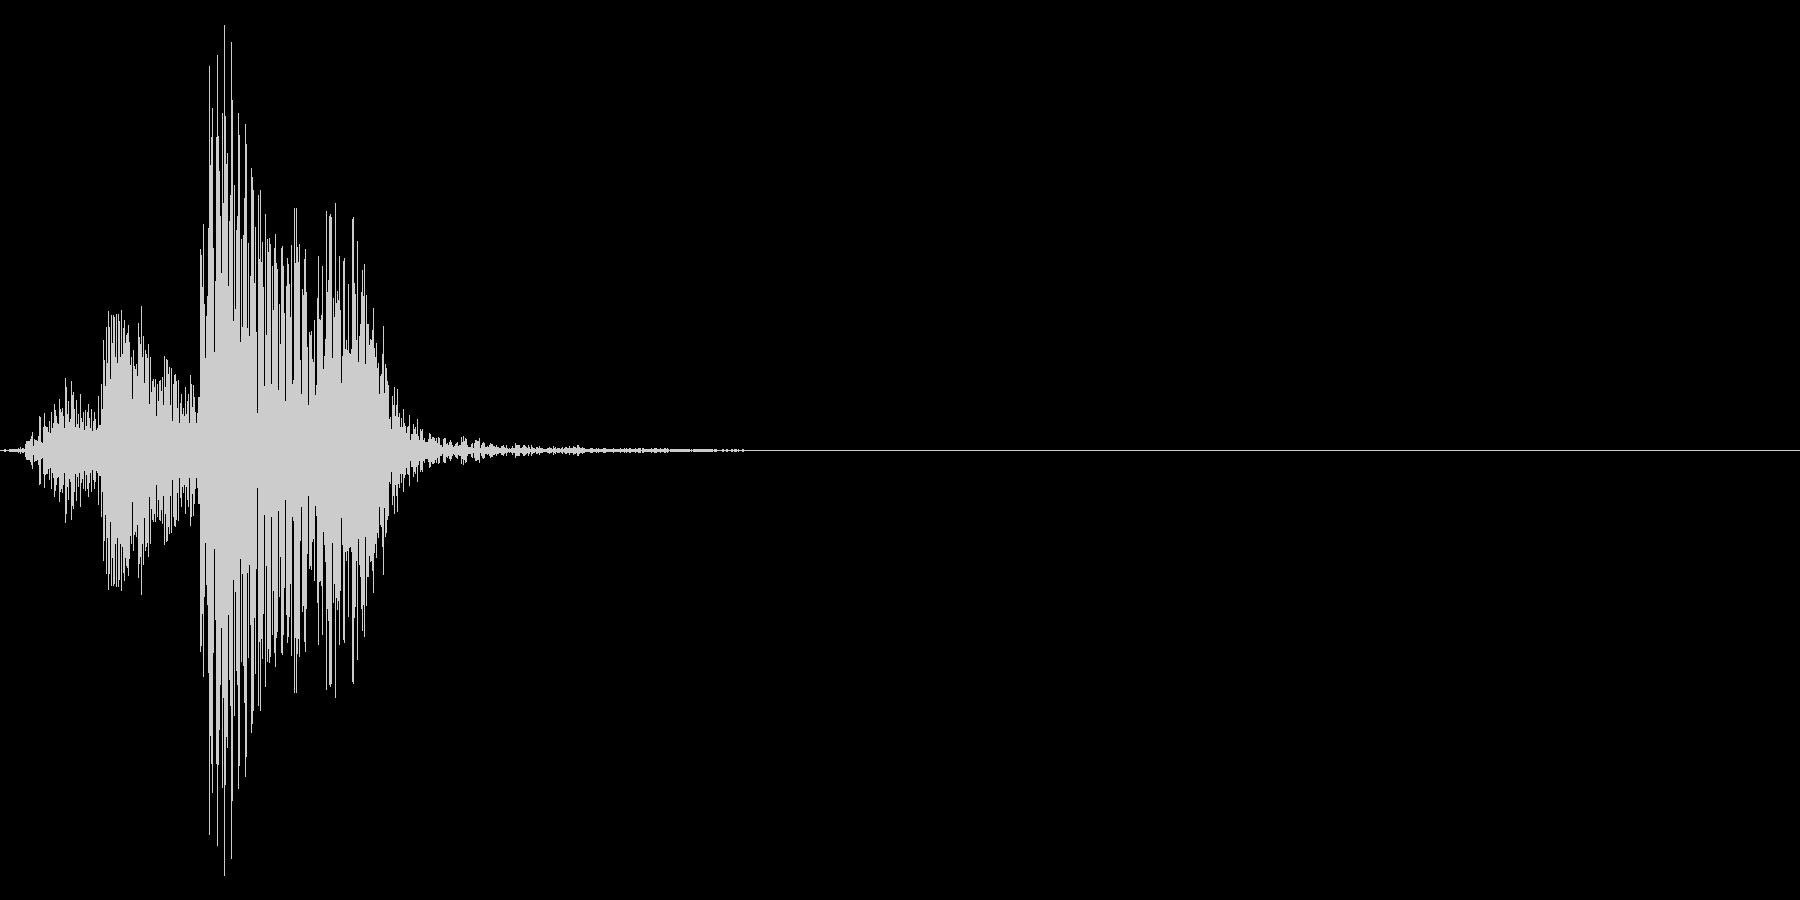 ゲーム掛け声男1ハッ3の未再生の波形